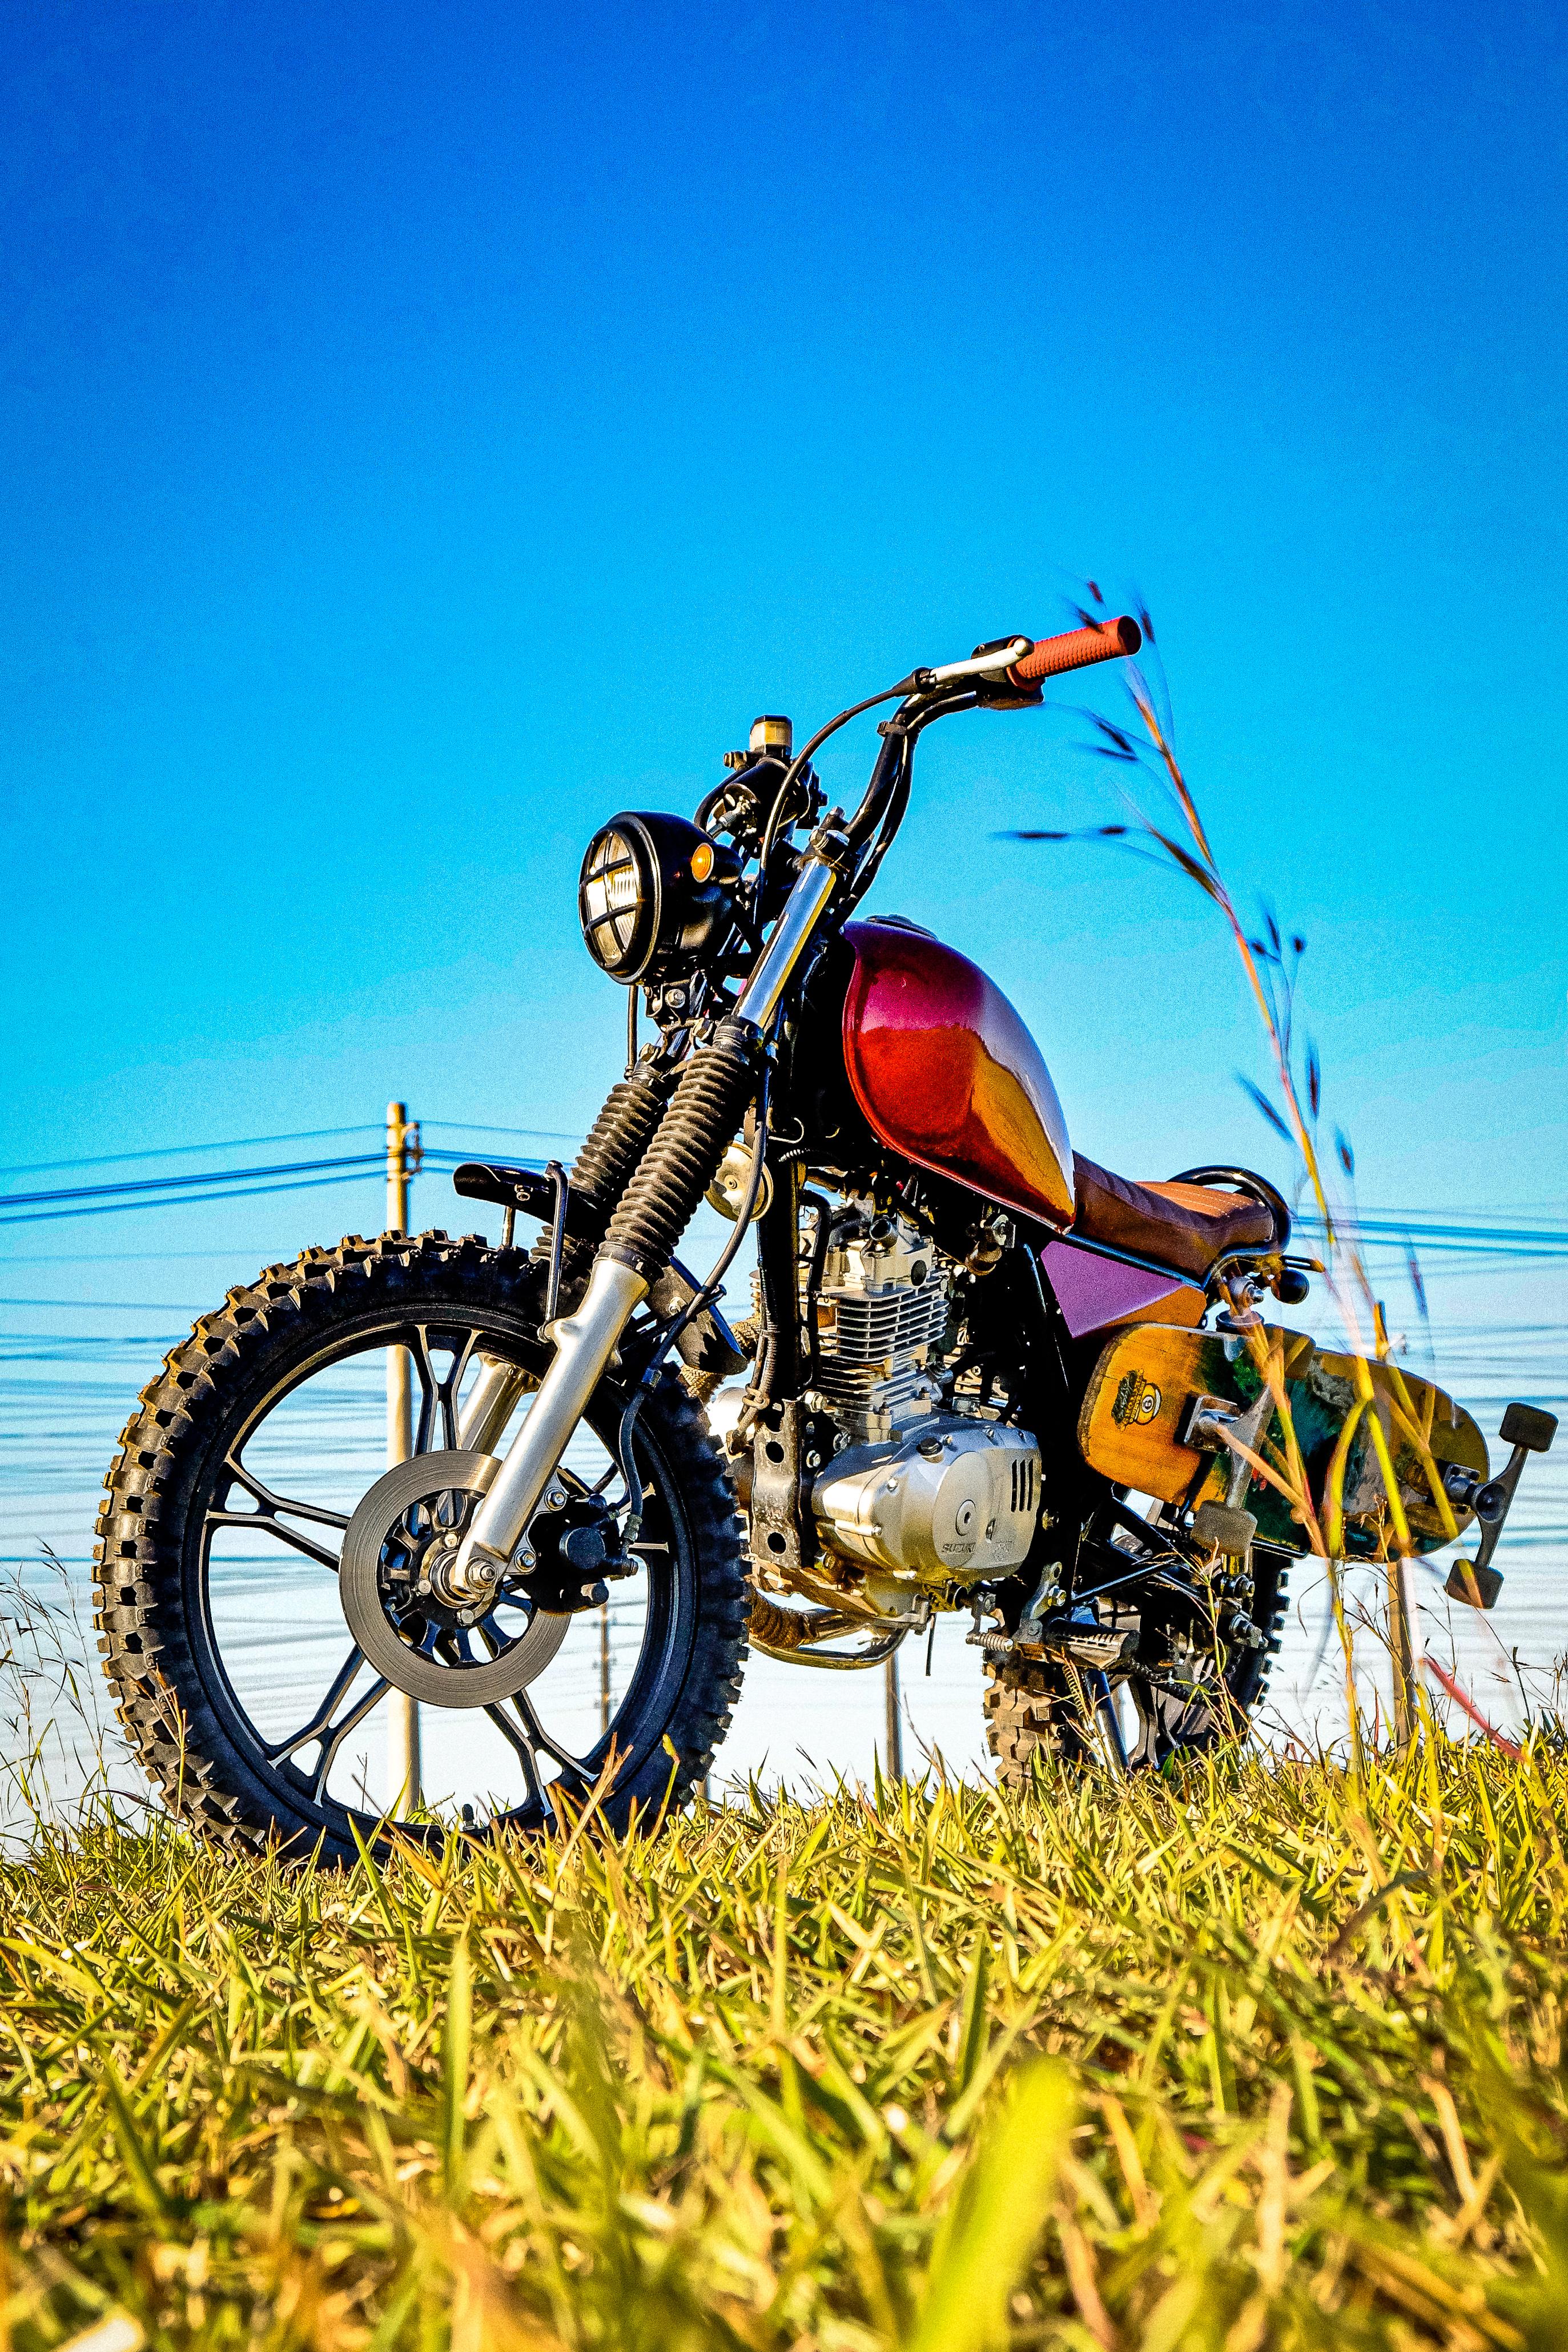 Intruder 125cc/Scrambler 2009 - 420